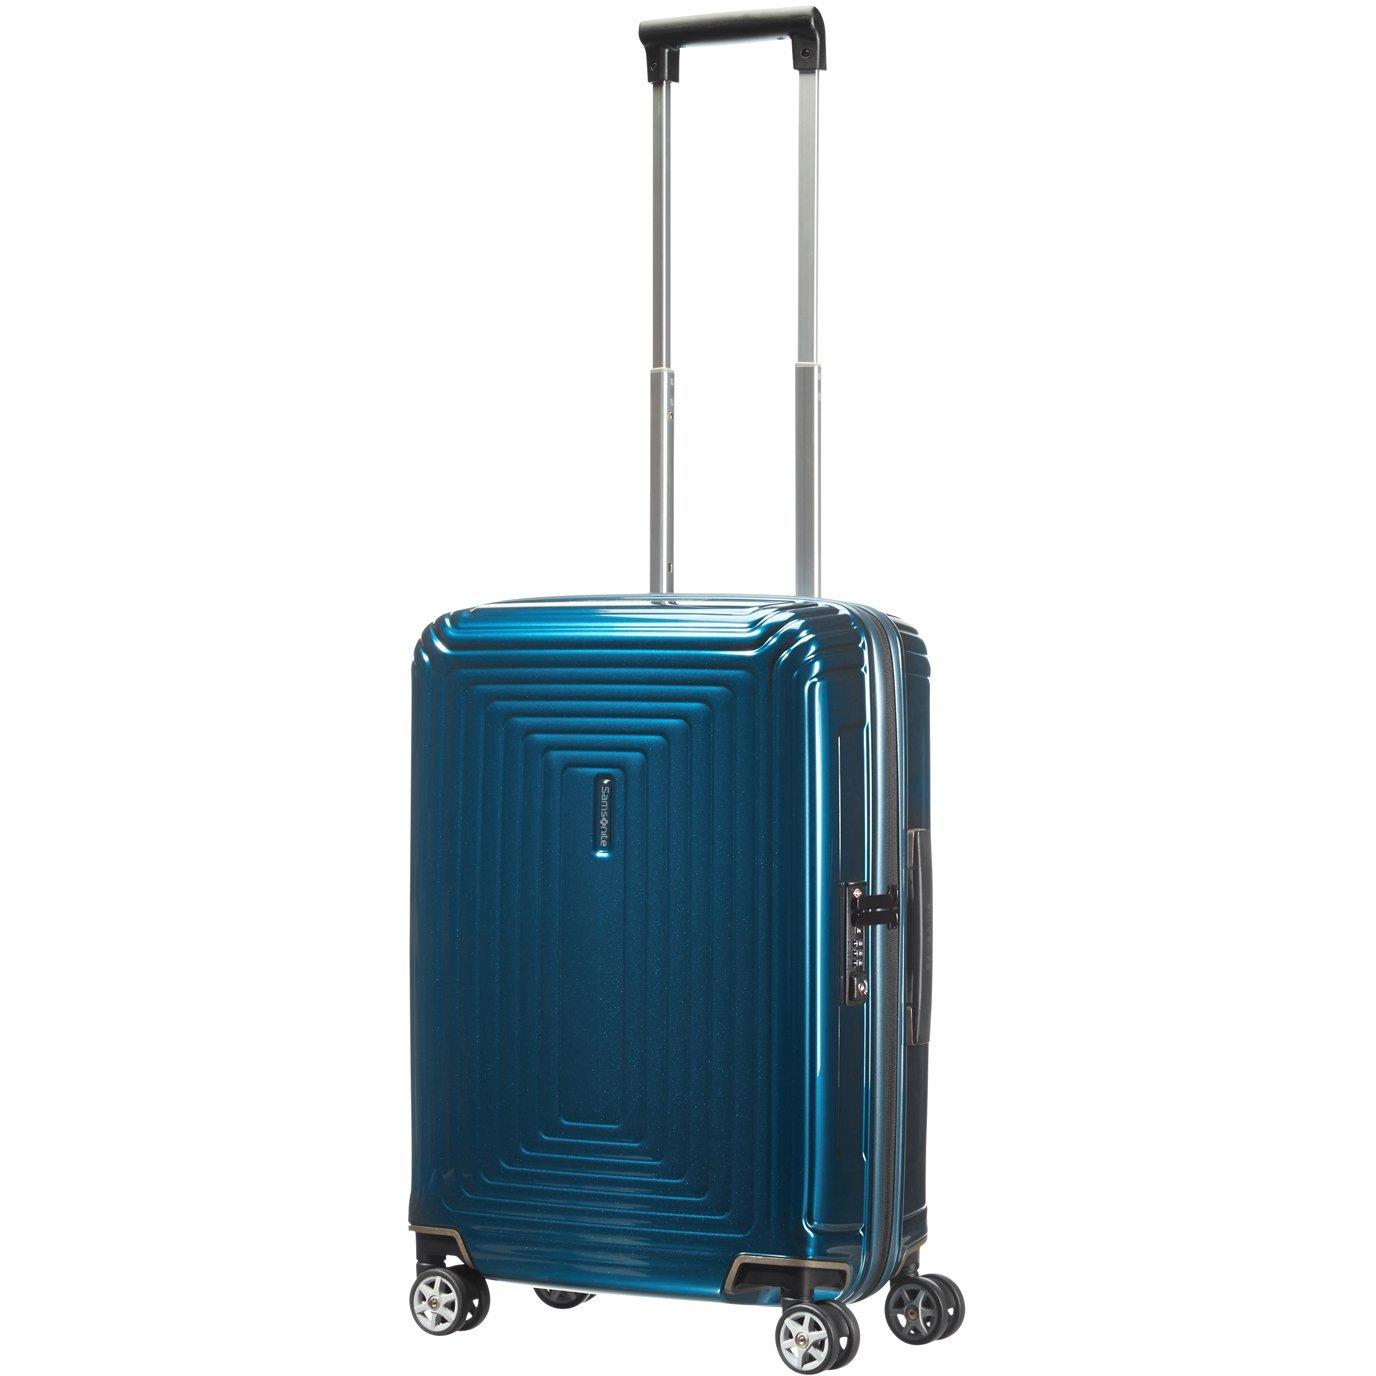 Bagaglio a mano aereo prezzi e modelli bagaglio a for Bagaglio a mano di american airlines